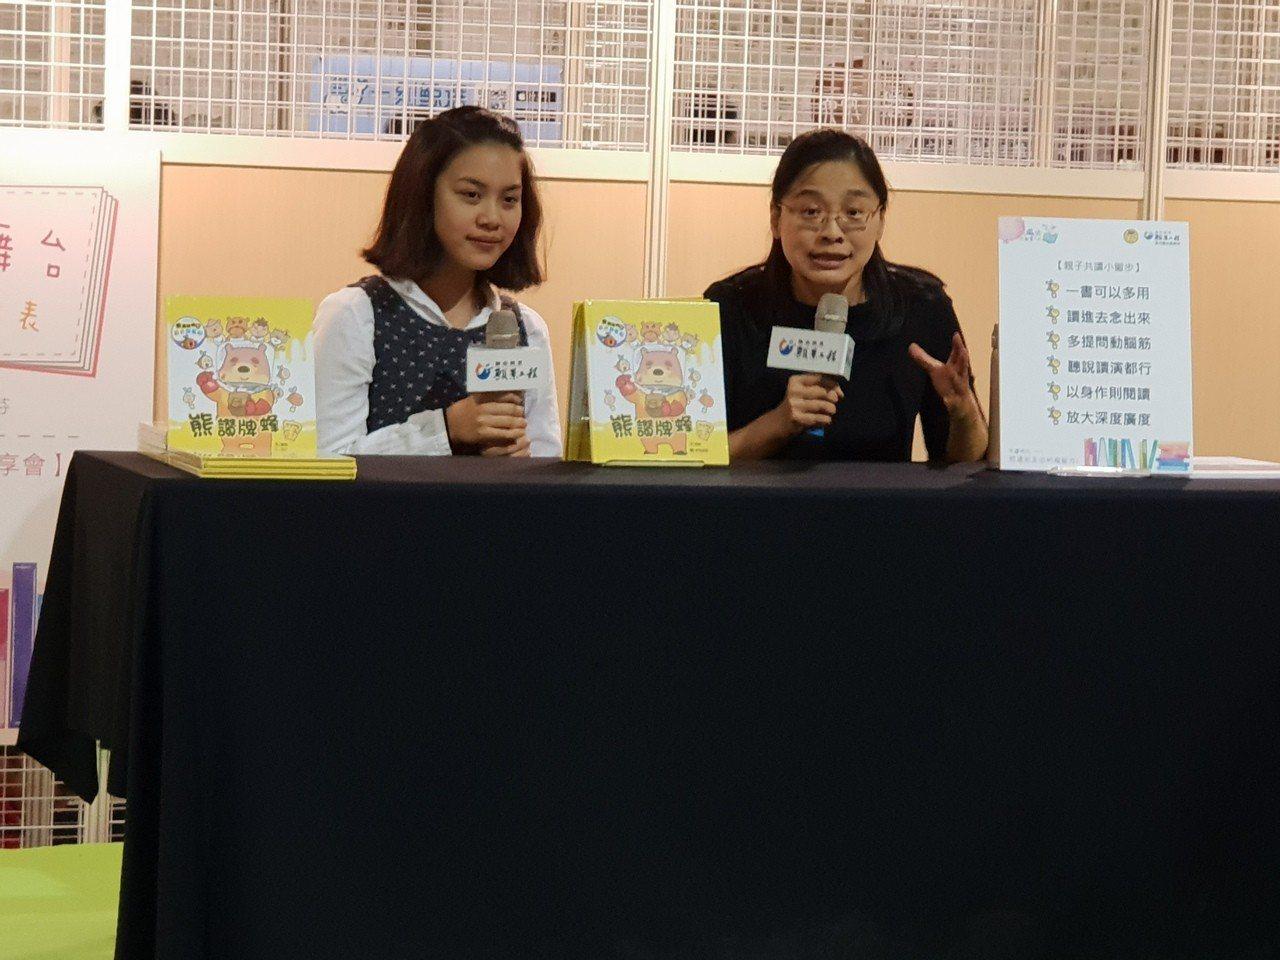 七年級學生易昀和母親鄭嘉蕙一起分享親子閱讀的樂趣。記者陳宛茜/攝影